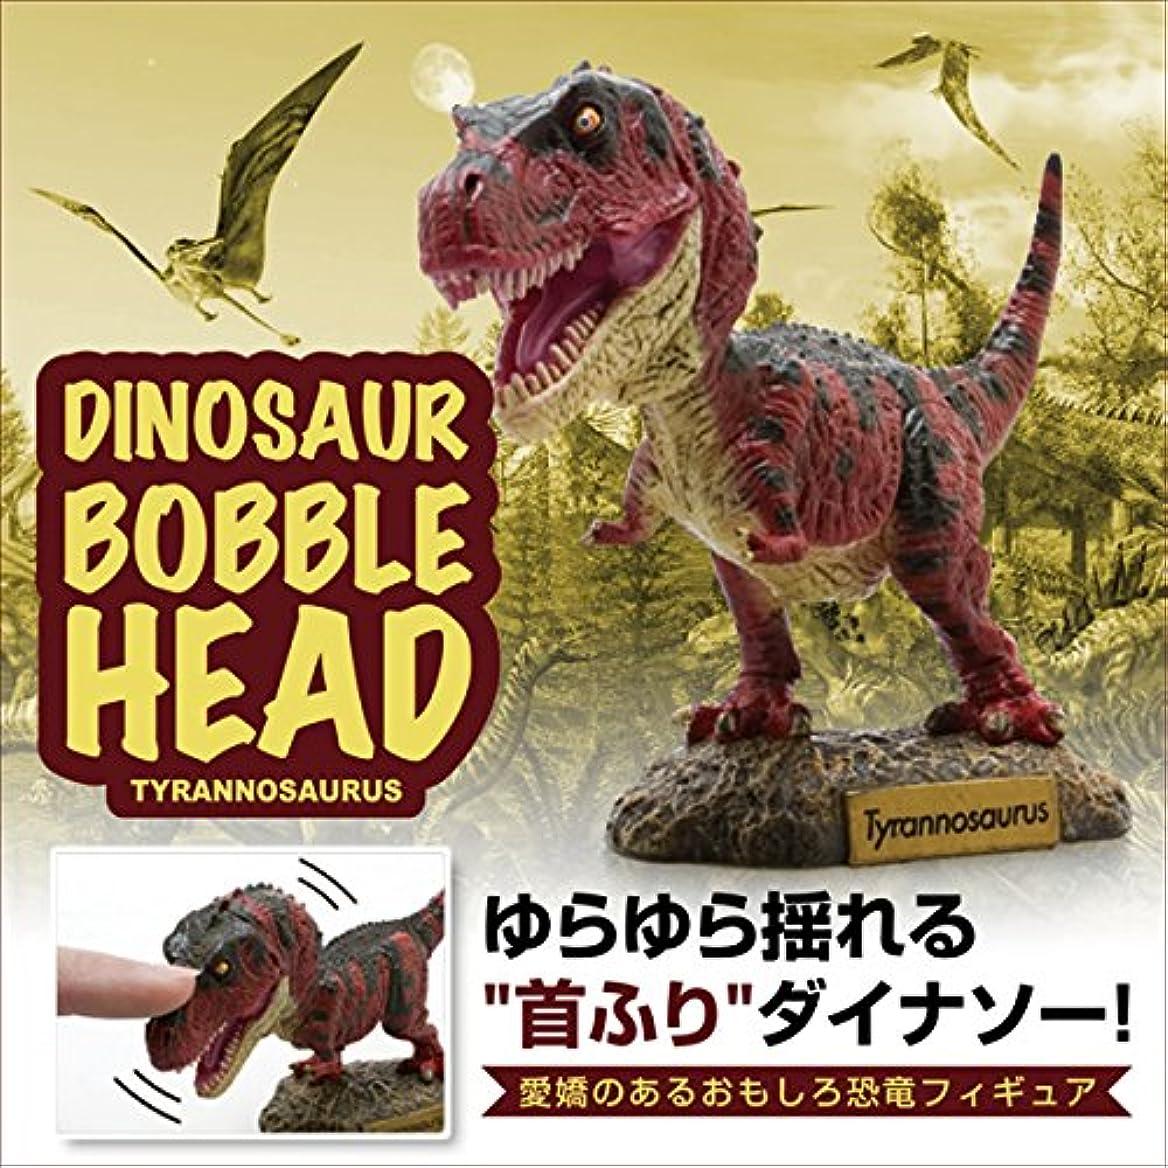 命題合理化アッパーFAVORITE(フェバリット) 恐竜フィギュア ボブルヘッド ティラノサウルス 恐竜首ふり人形